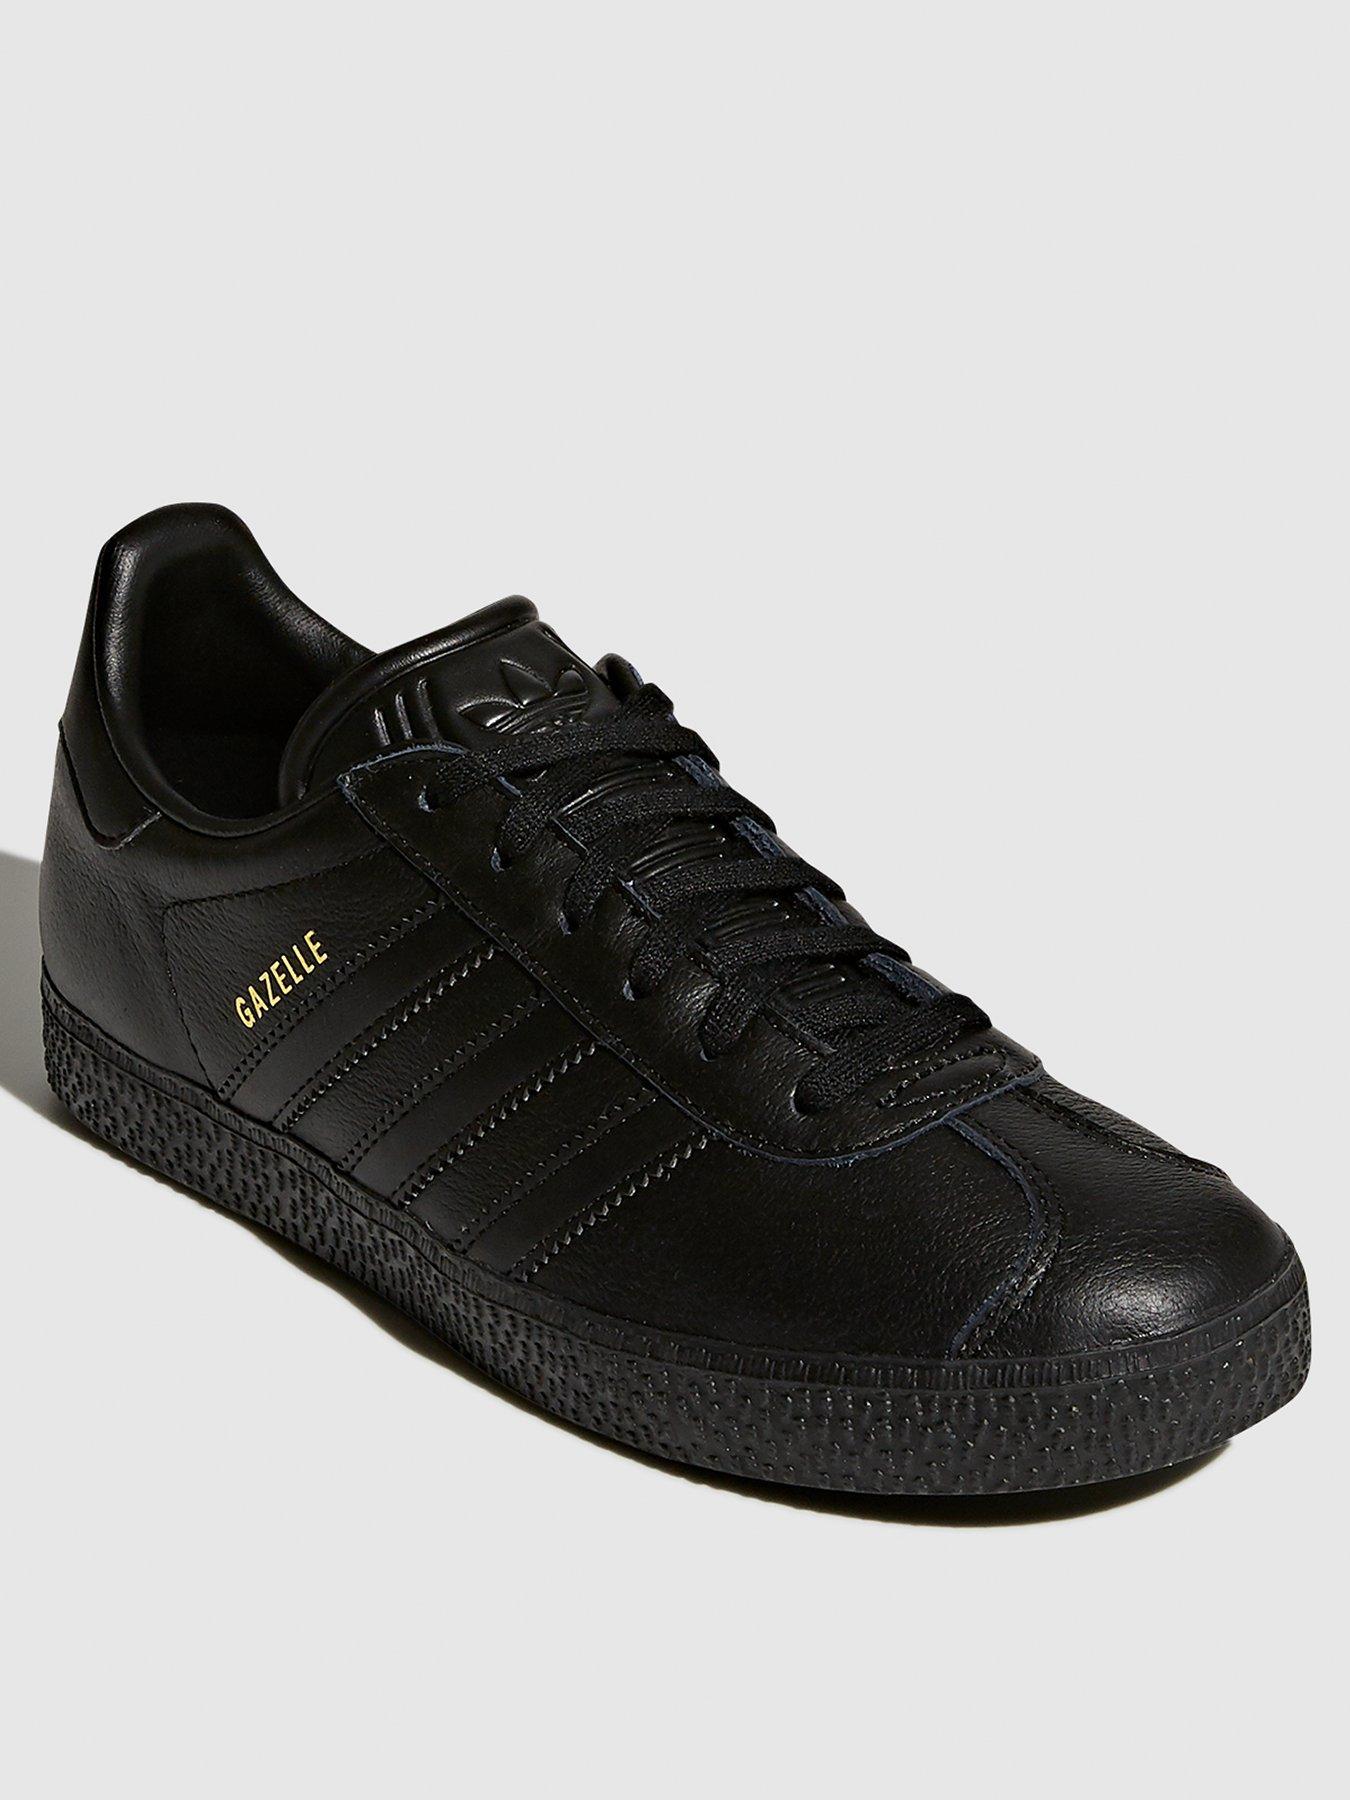 5.5 | Adidas | Junior footwear (sizes 3